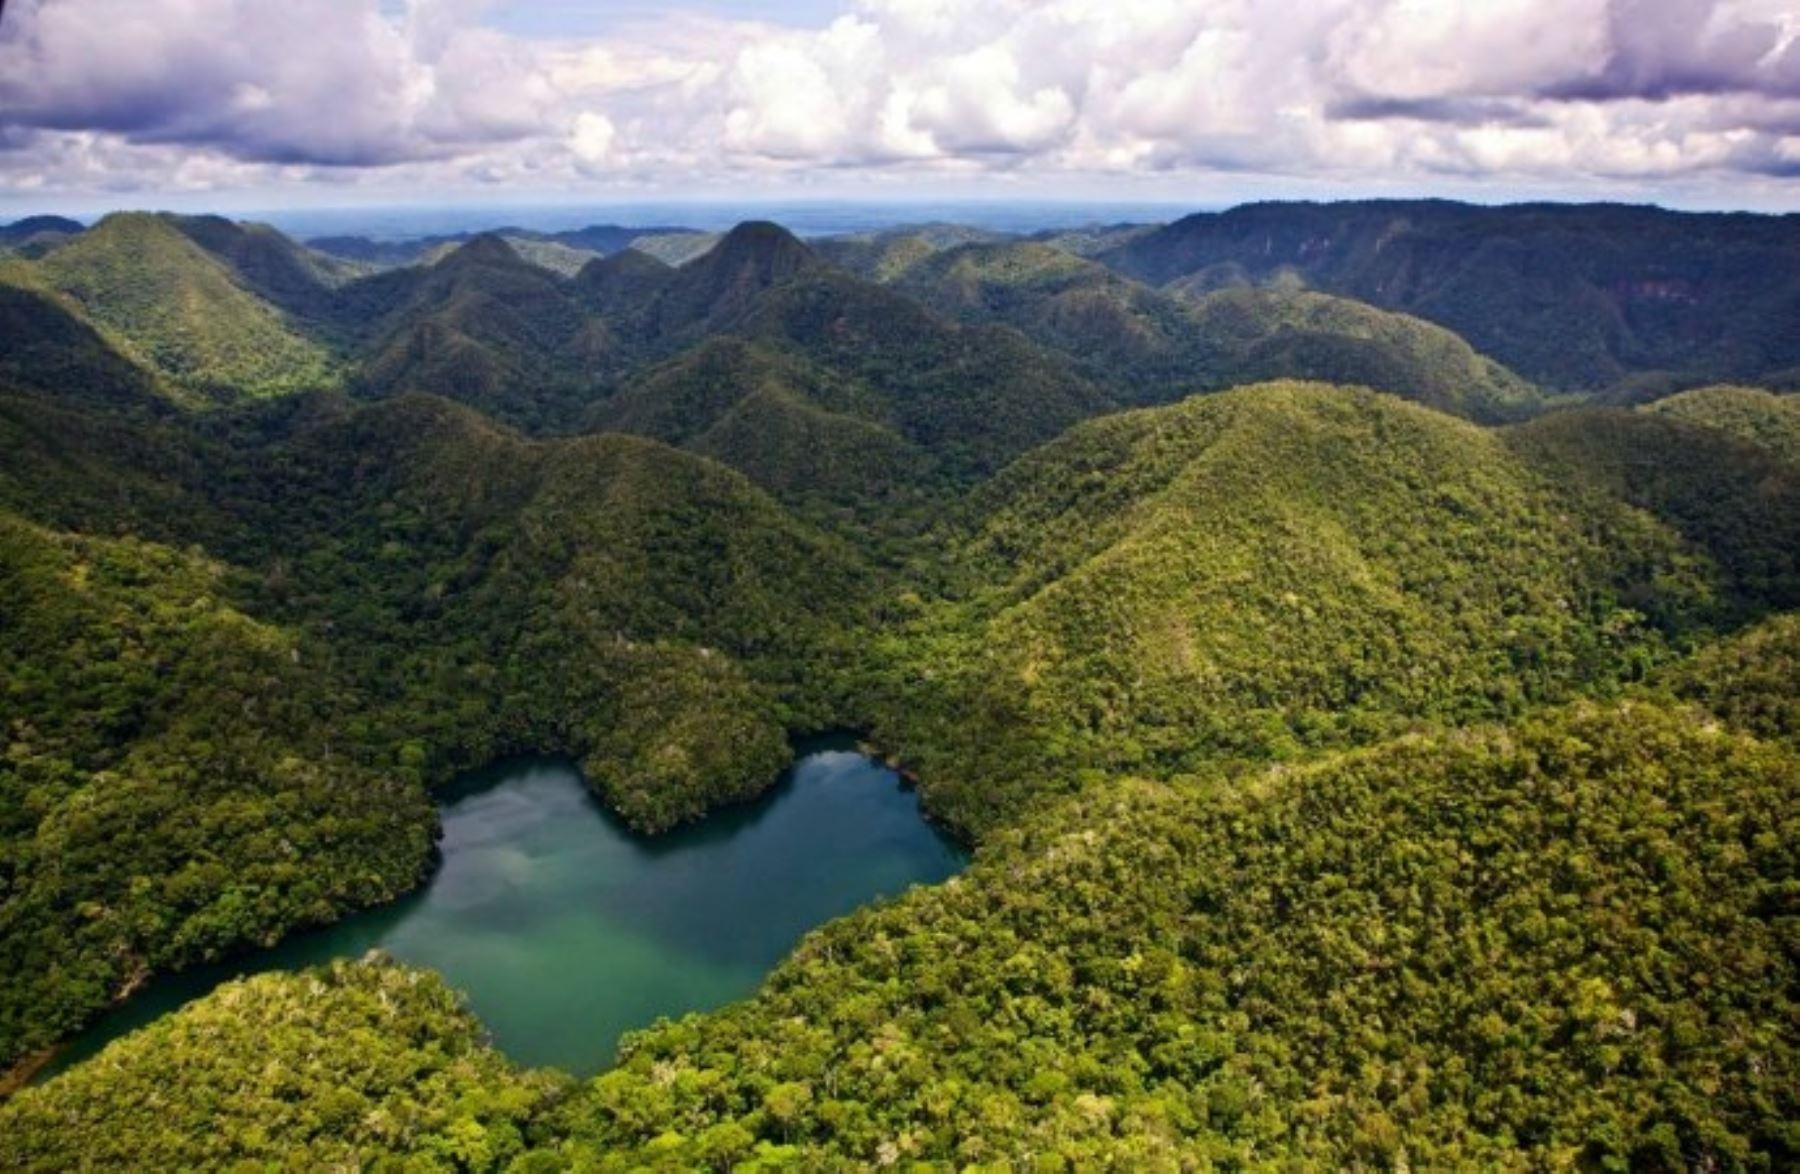 Новый национальный парк открылся в Перу